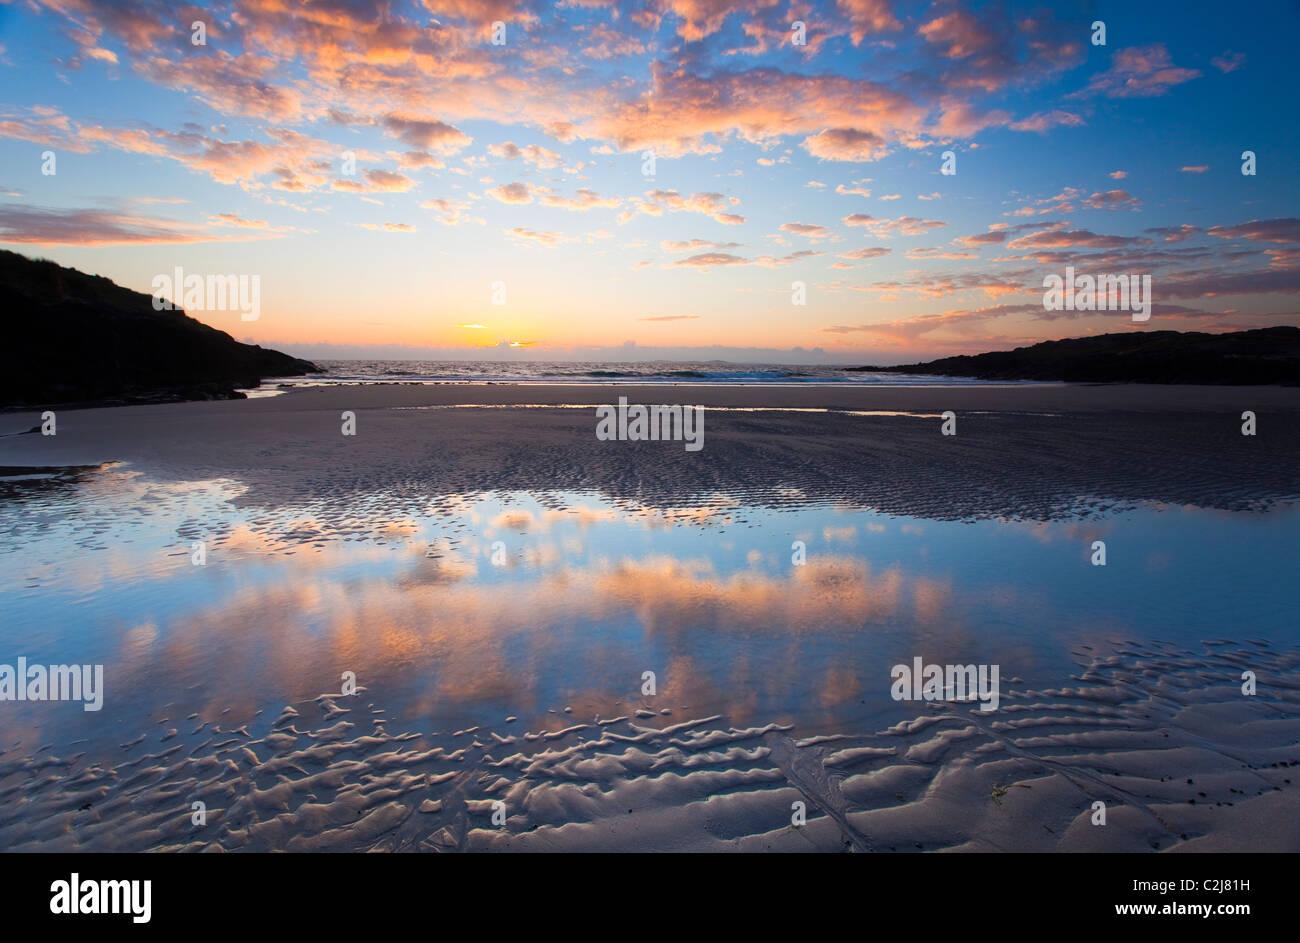 Serata di riflessioni sulla spiaggia nella baia di False, Connemara, nella contea di Galway, Irlanda. Immagini Stock